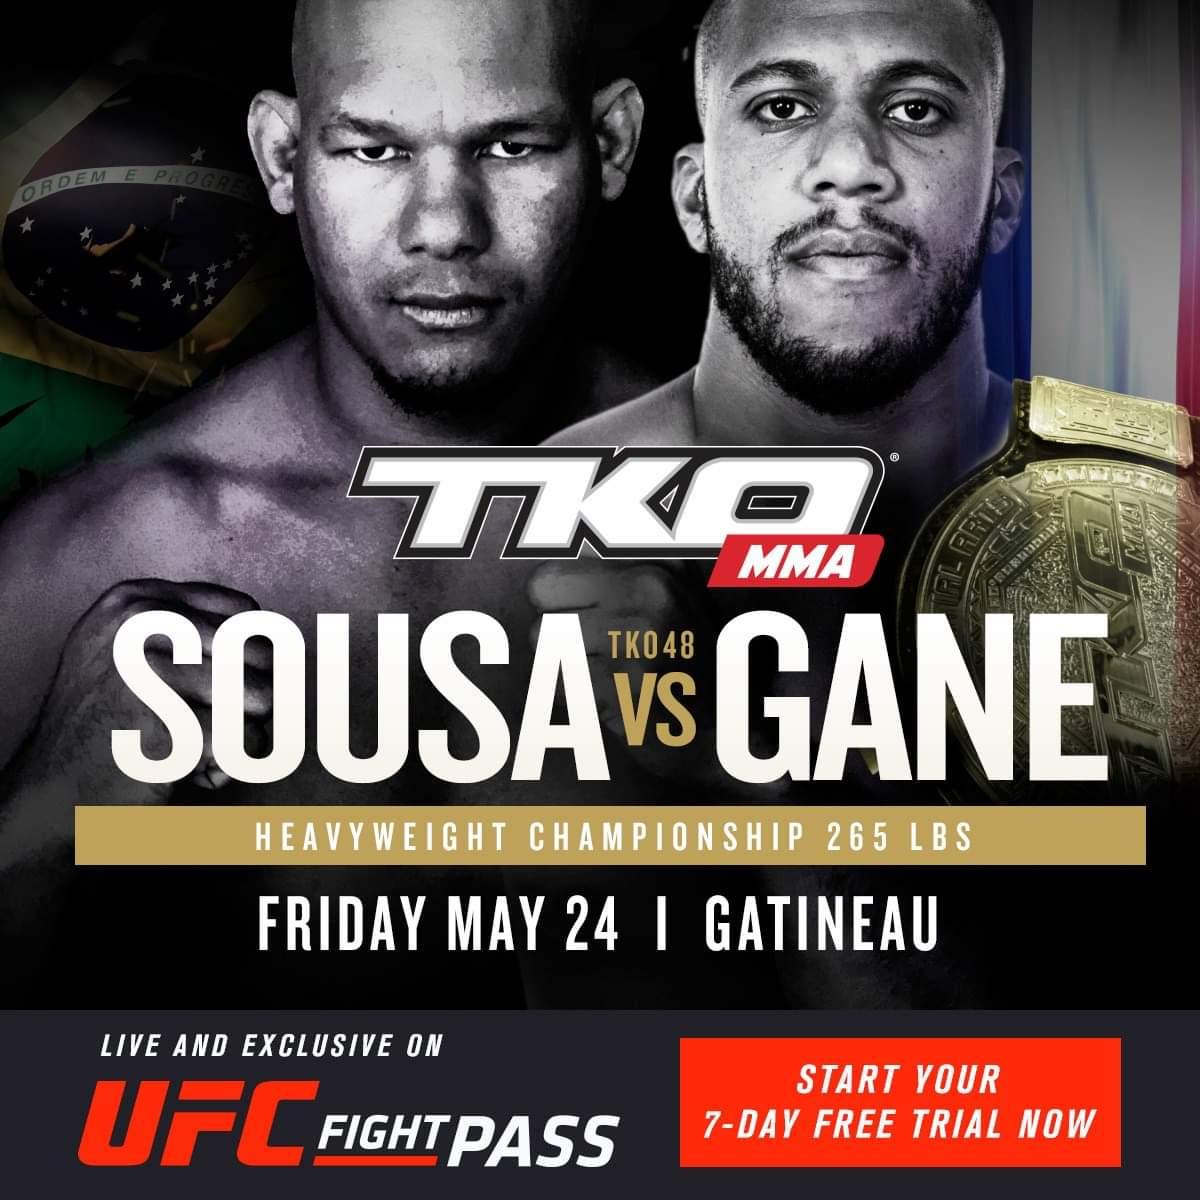 #TKO48  -Carte préliminaire Facebook dès 17h45 (23h45 en France) -Carte préliminaire  dès 18h (24H en France) sur FIGHT NETWORK et UFC FIGHT PASS  - Carte principale des 19h30 (1h30am en France) sur FIGHTNETWORK ET UFC FIGHT PASS et à la radio 91.9 SPORTS